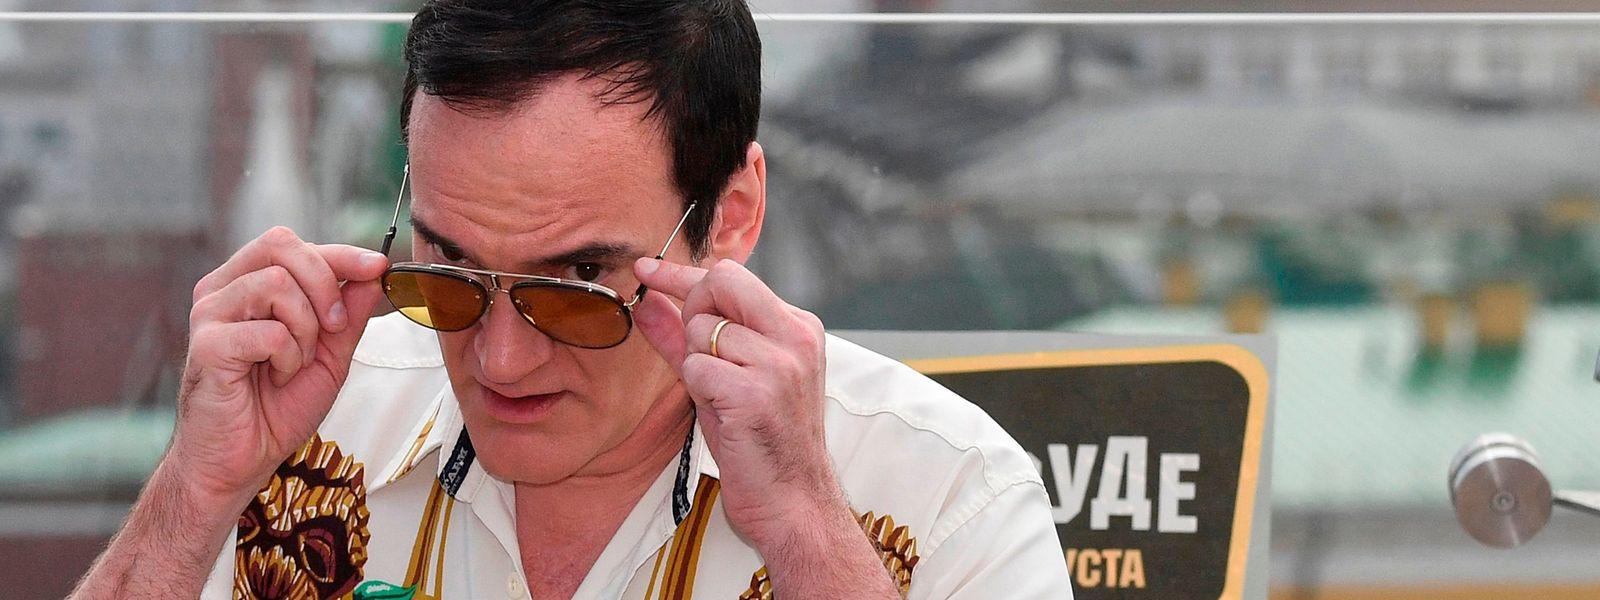 Regisseur Quentin Tarantino war bei der Premiere seines jüngstes Films in Moskau präsent.